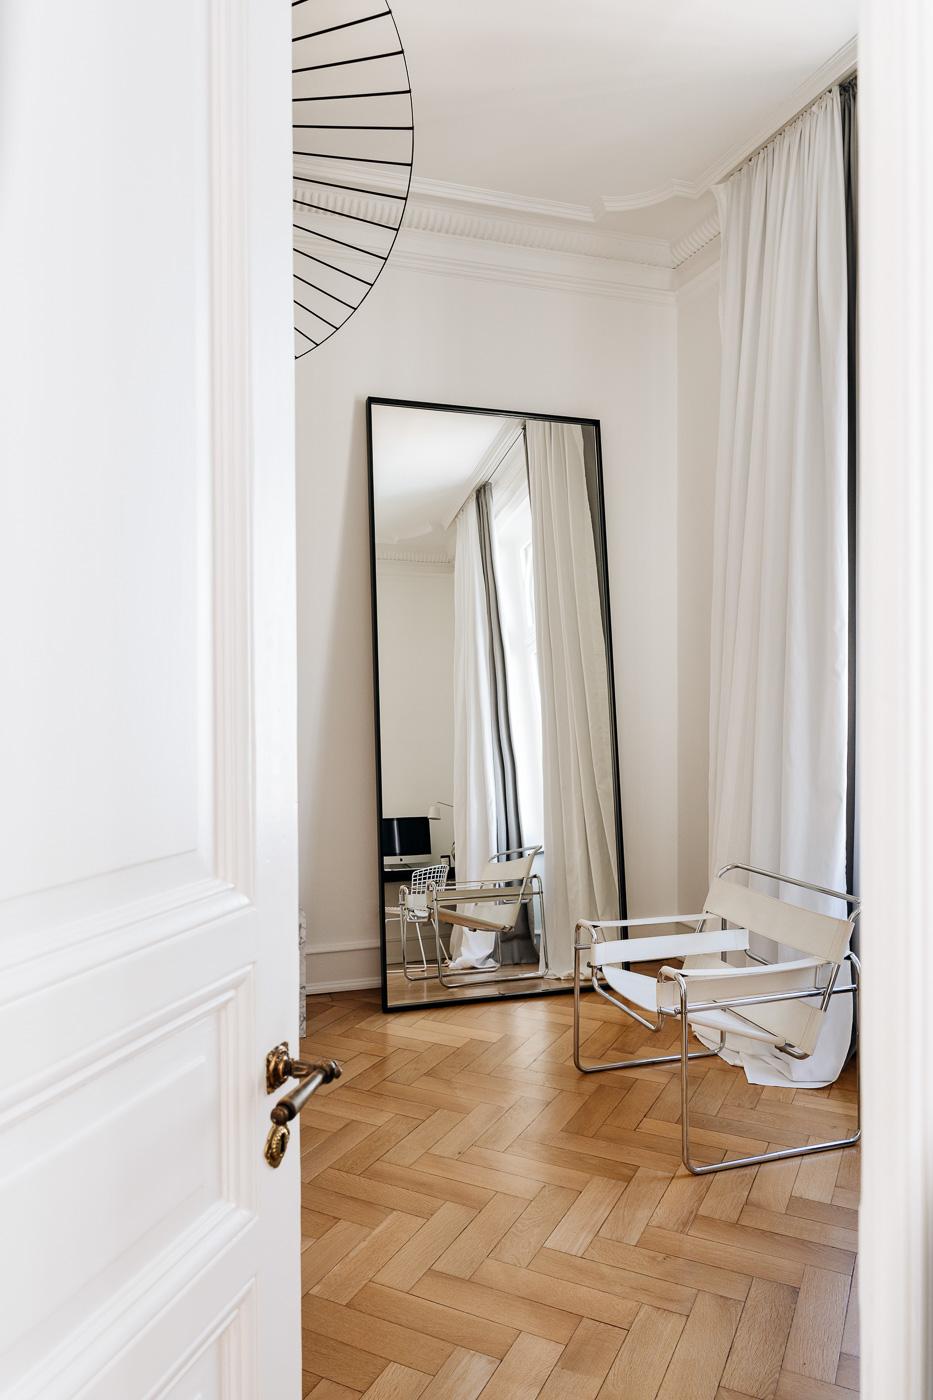 Schlafzimmer Wohnung Sebastian Schmidt